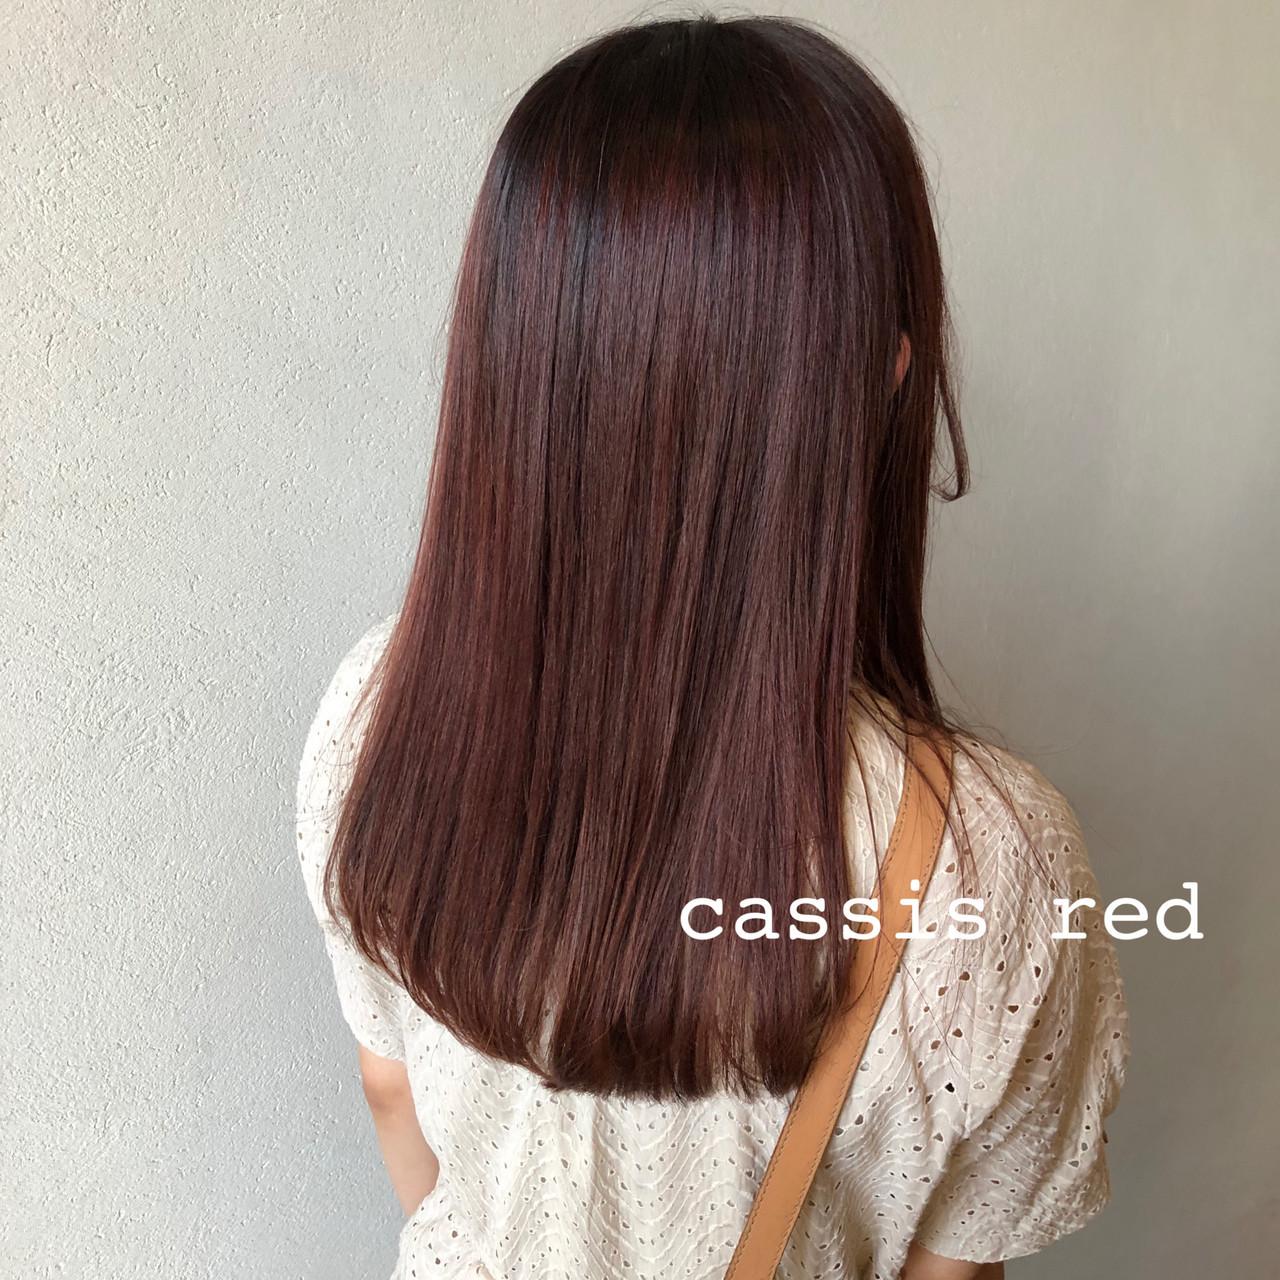 グラデーションカラー ロング ローライト カシスレッド ヘアスタイルや髪型の写真・画像